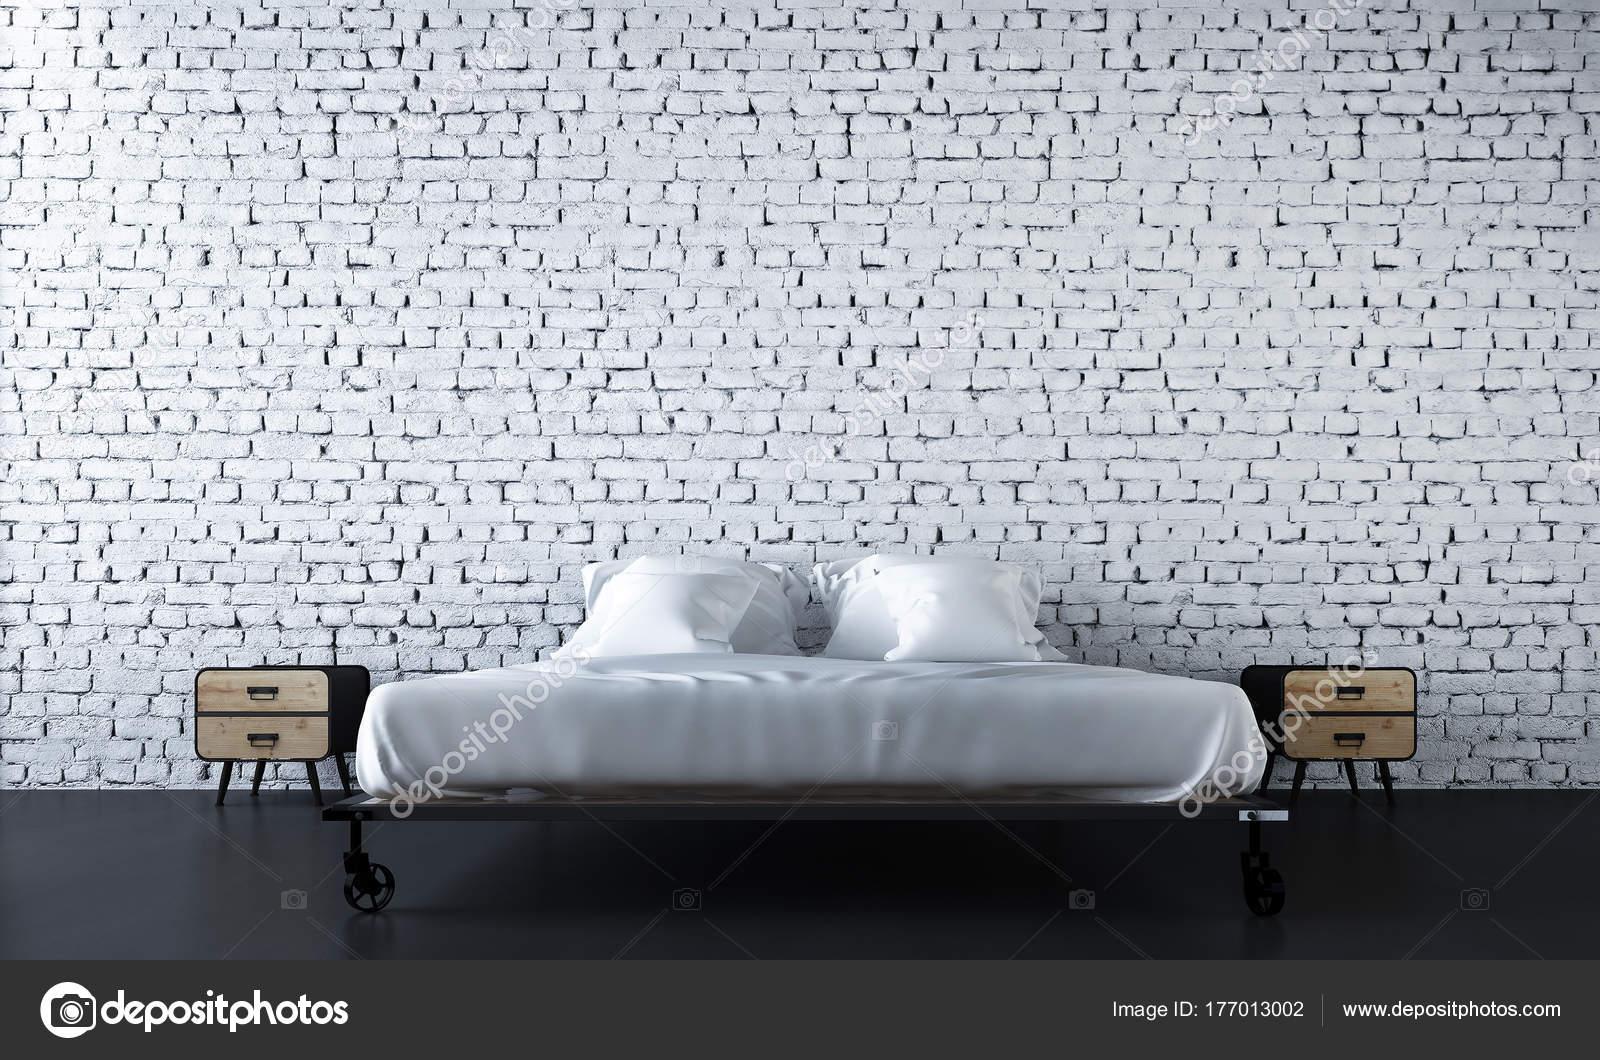 Décoration Des Chambres Moderne Fond Mur Briques Blanchesu2013 Images De Stock  Libres De Droits